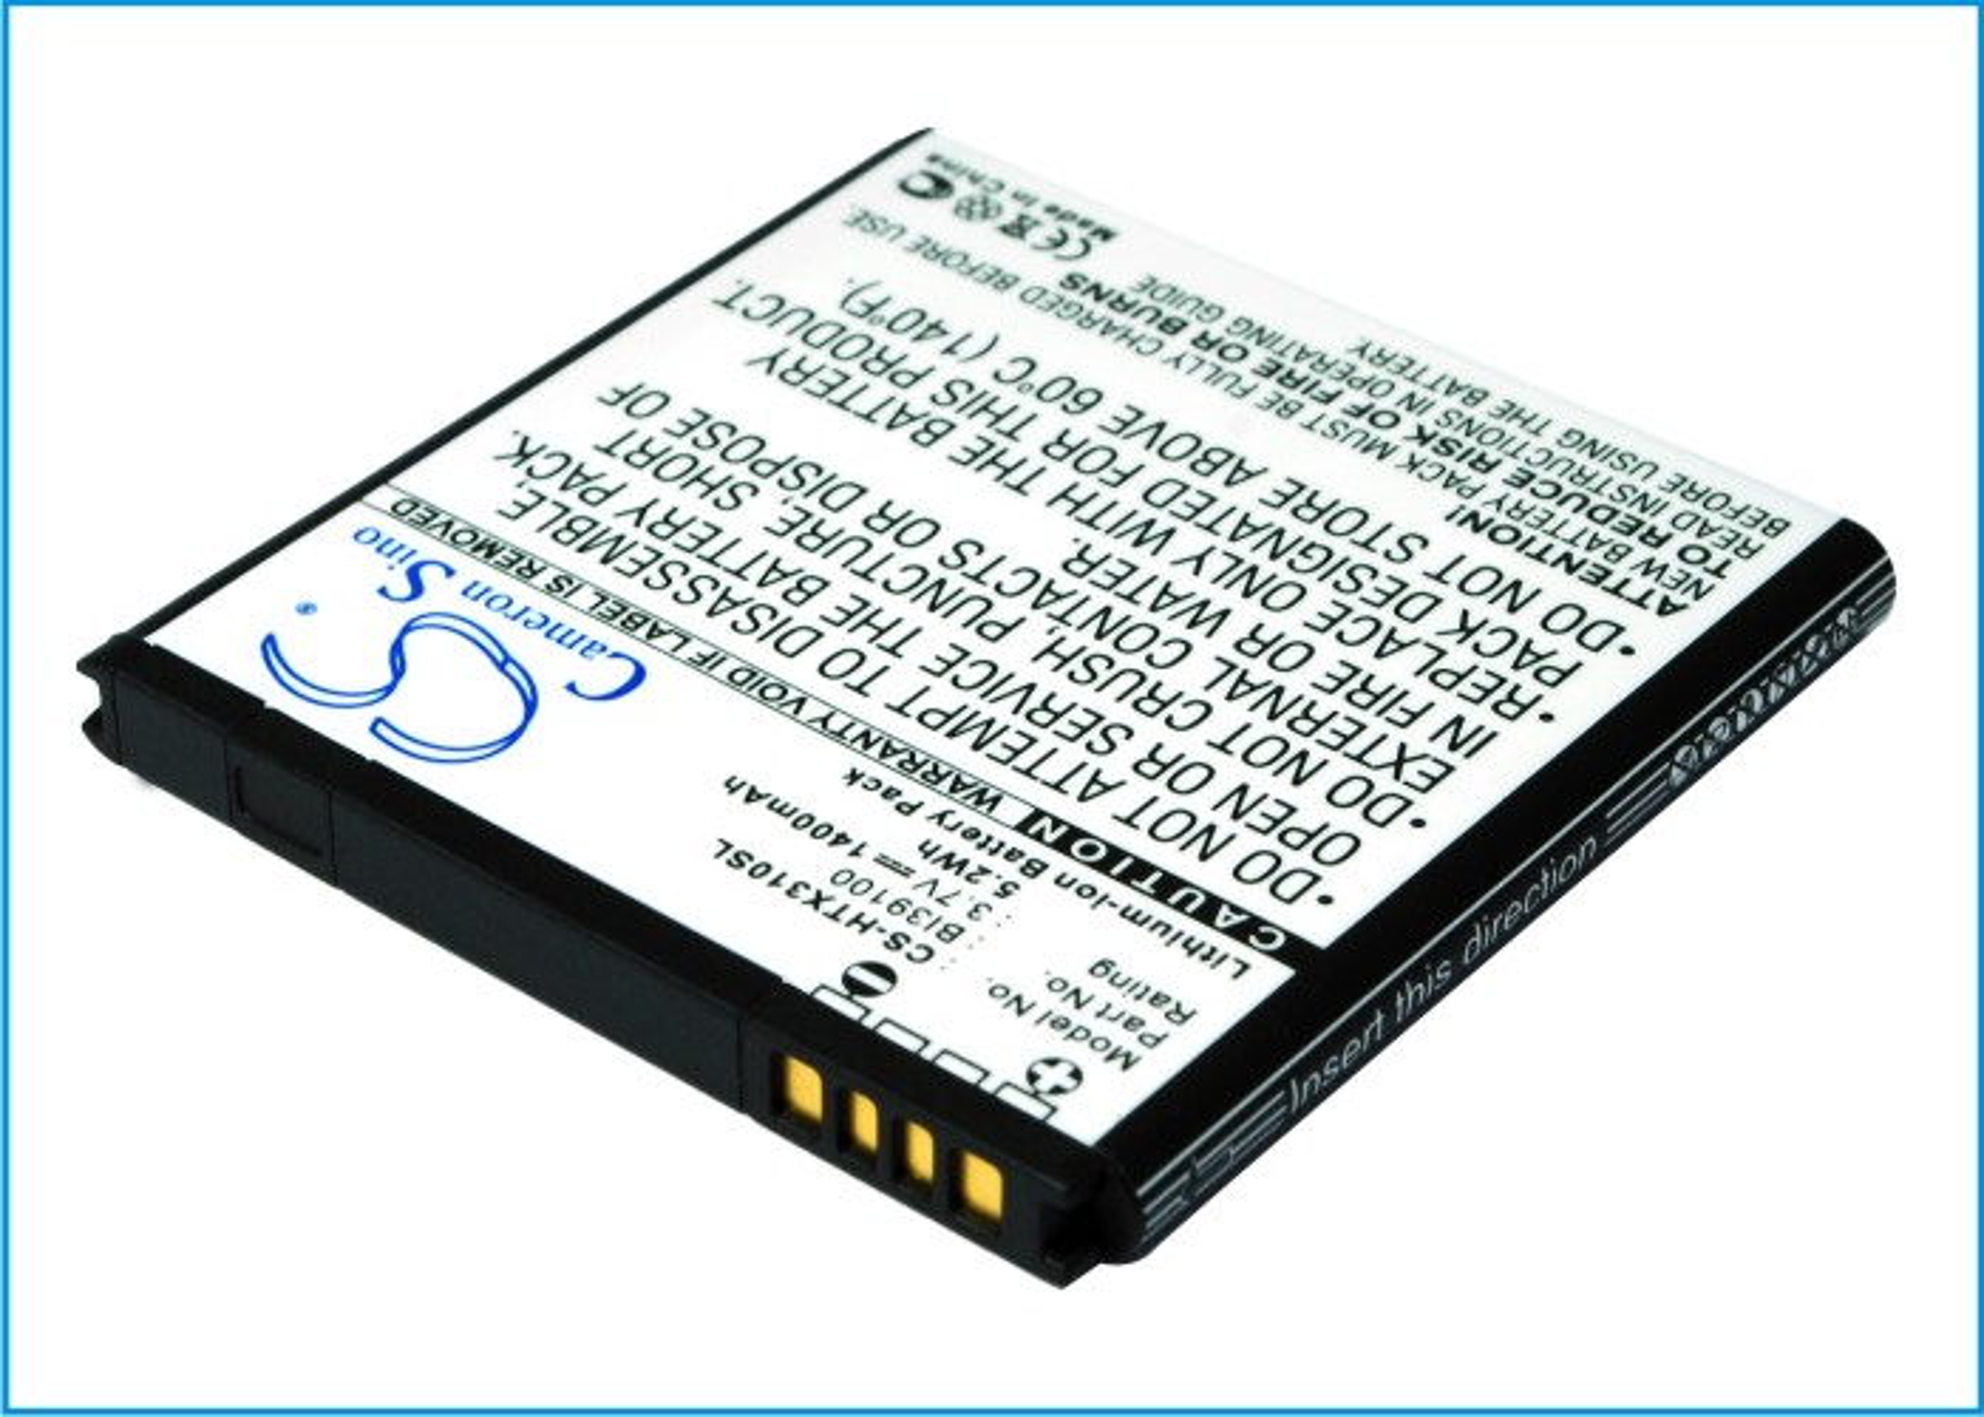 Cameron Sino baterie do mobilů pro HTC Sensation XL 3.8V Li-ion 1400mAh černá - neoriginální